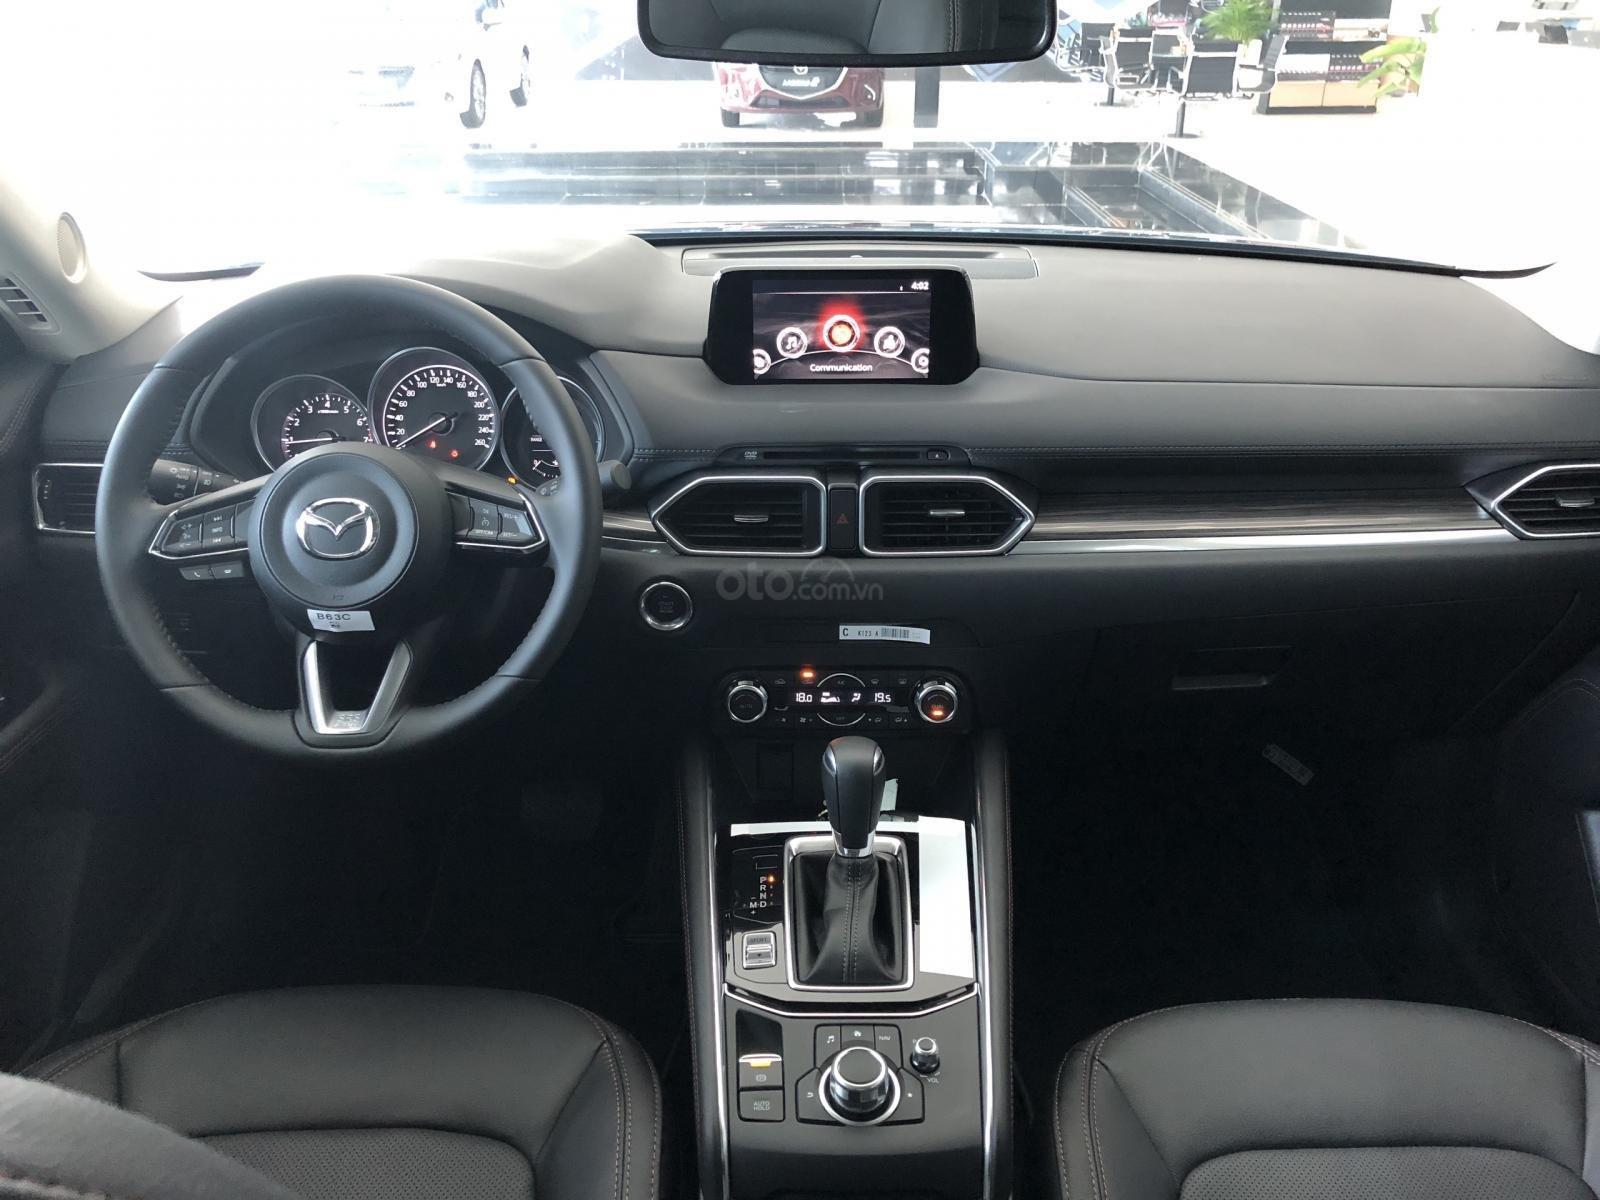 Nhanh tay sở hữu Mazda CX-5 2.5 2WD 2019 - Tặng bảo hiểm vật chất + giảm tiền mặt hấp dẫn (6)